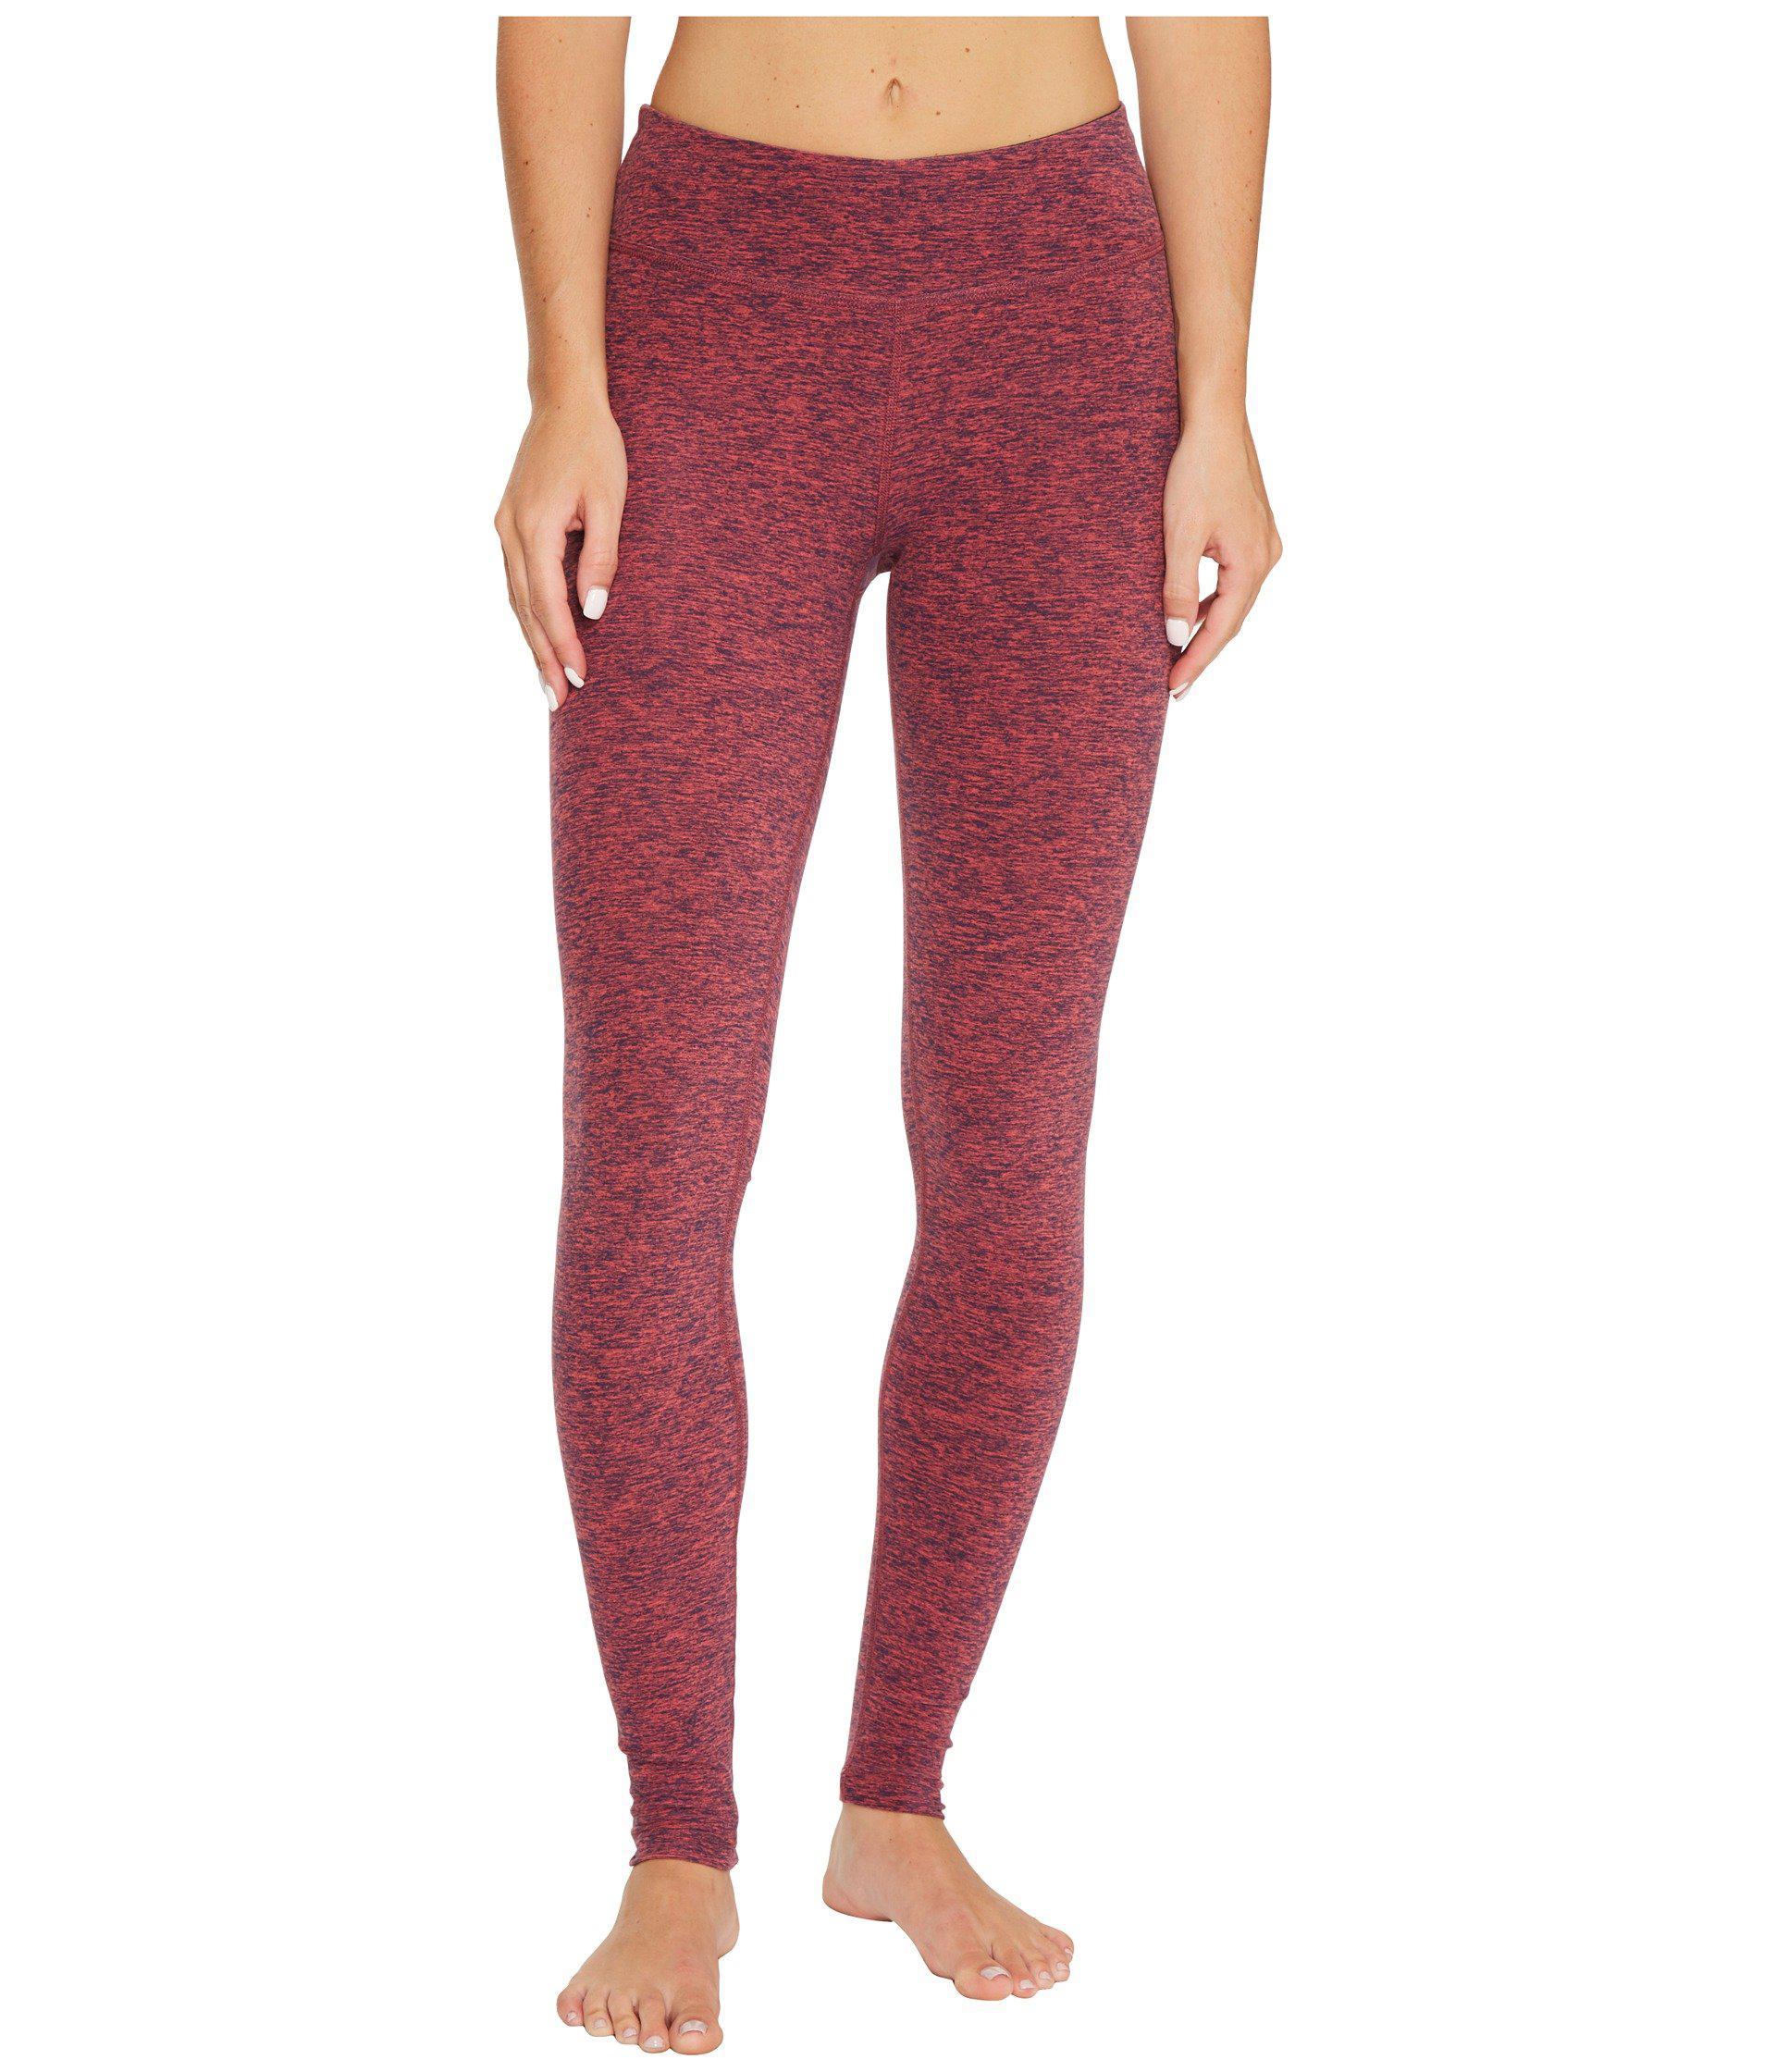 8d574146a3287 Beyond Yoga Spacedye Long Essential Leggings in Red - Lyst